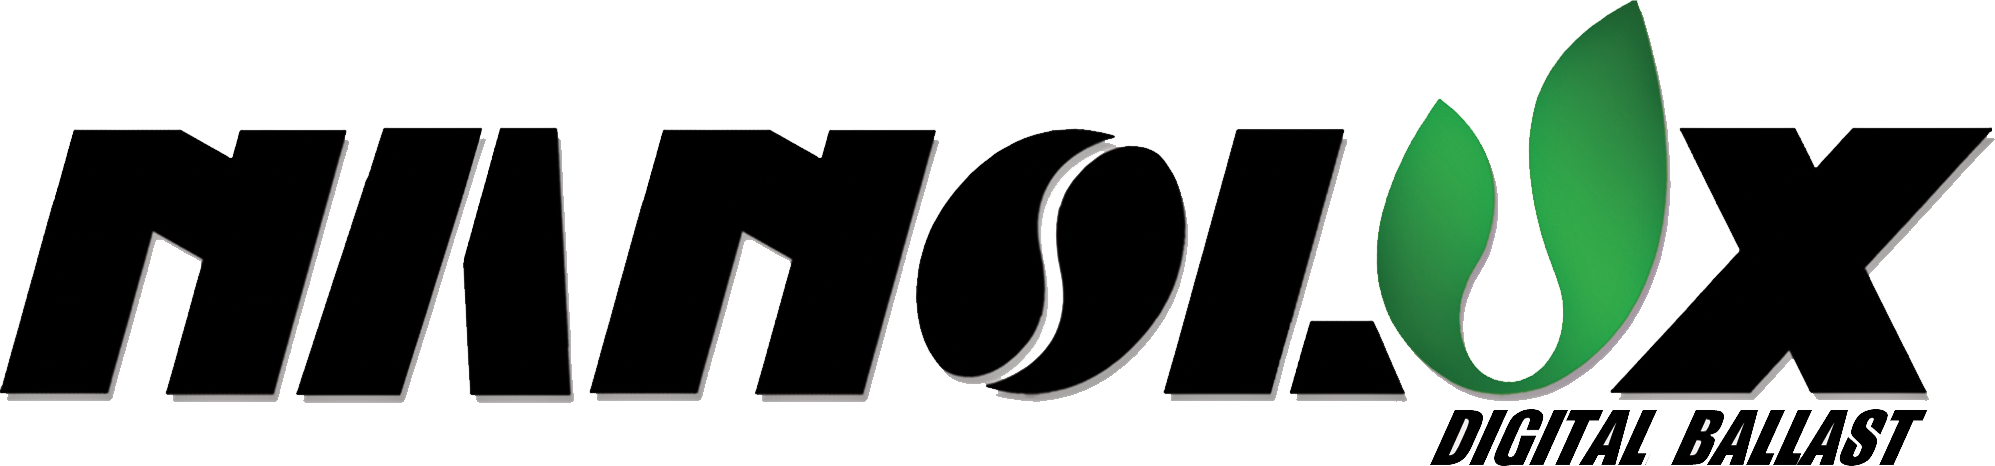 nanolux-logo.png